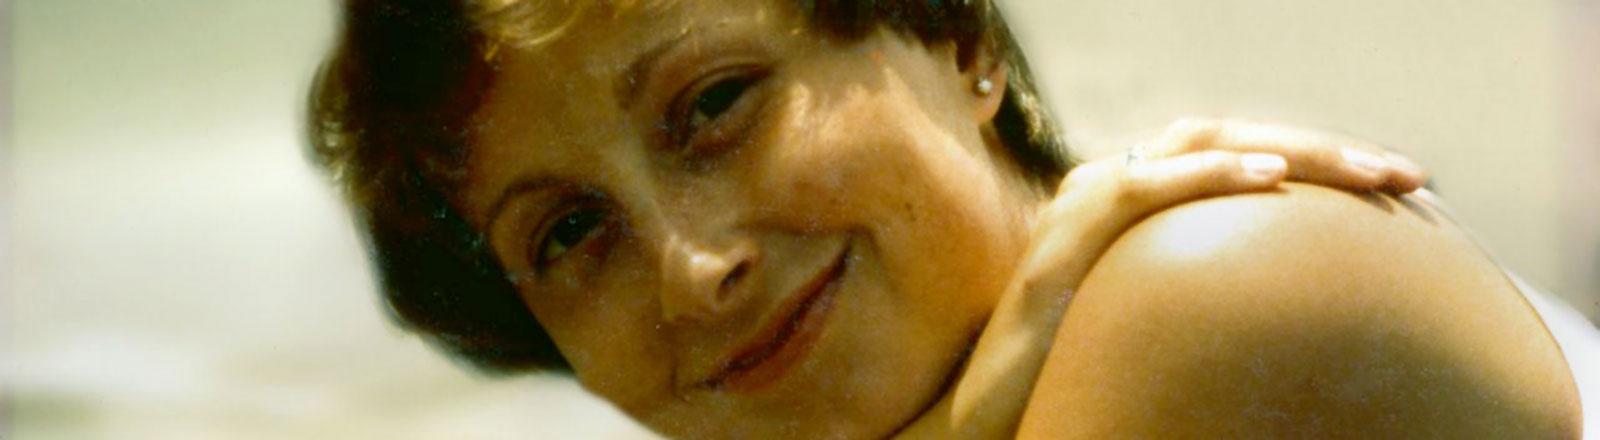 Trudel Ulmen lächelt in eine Kamera